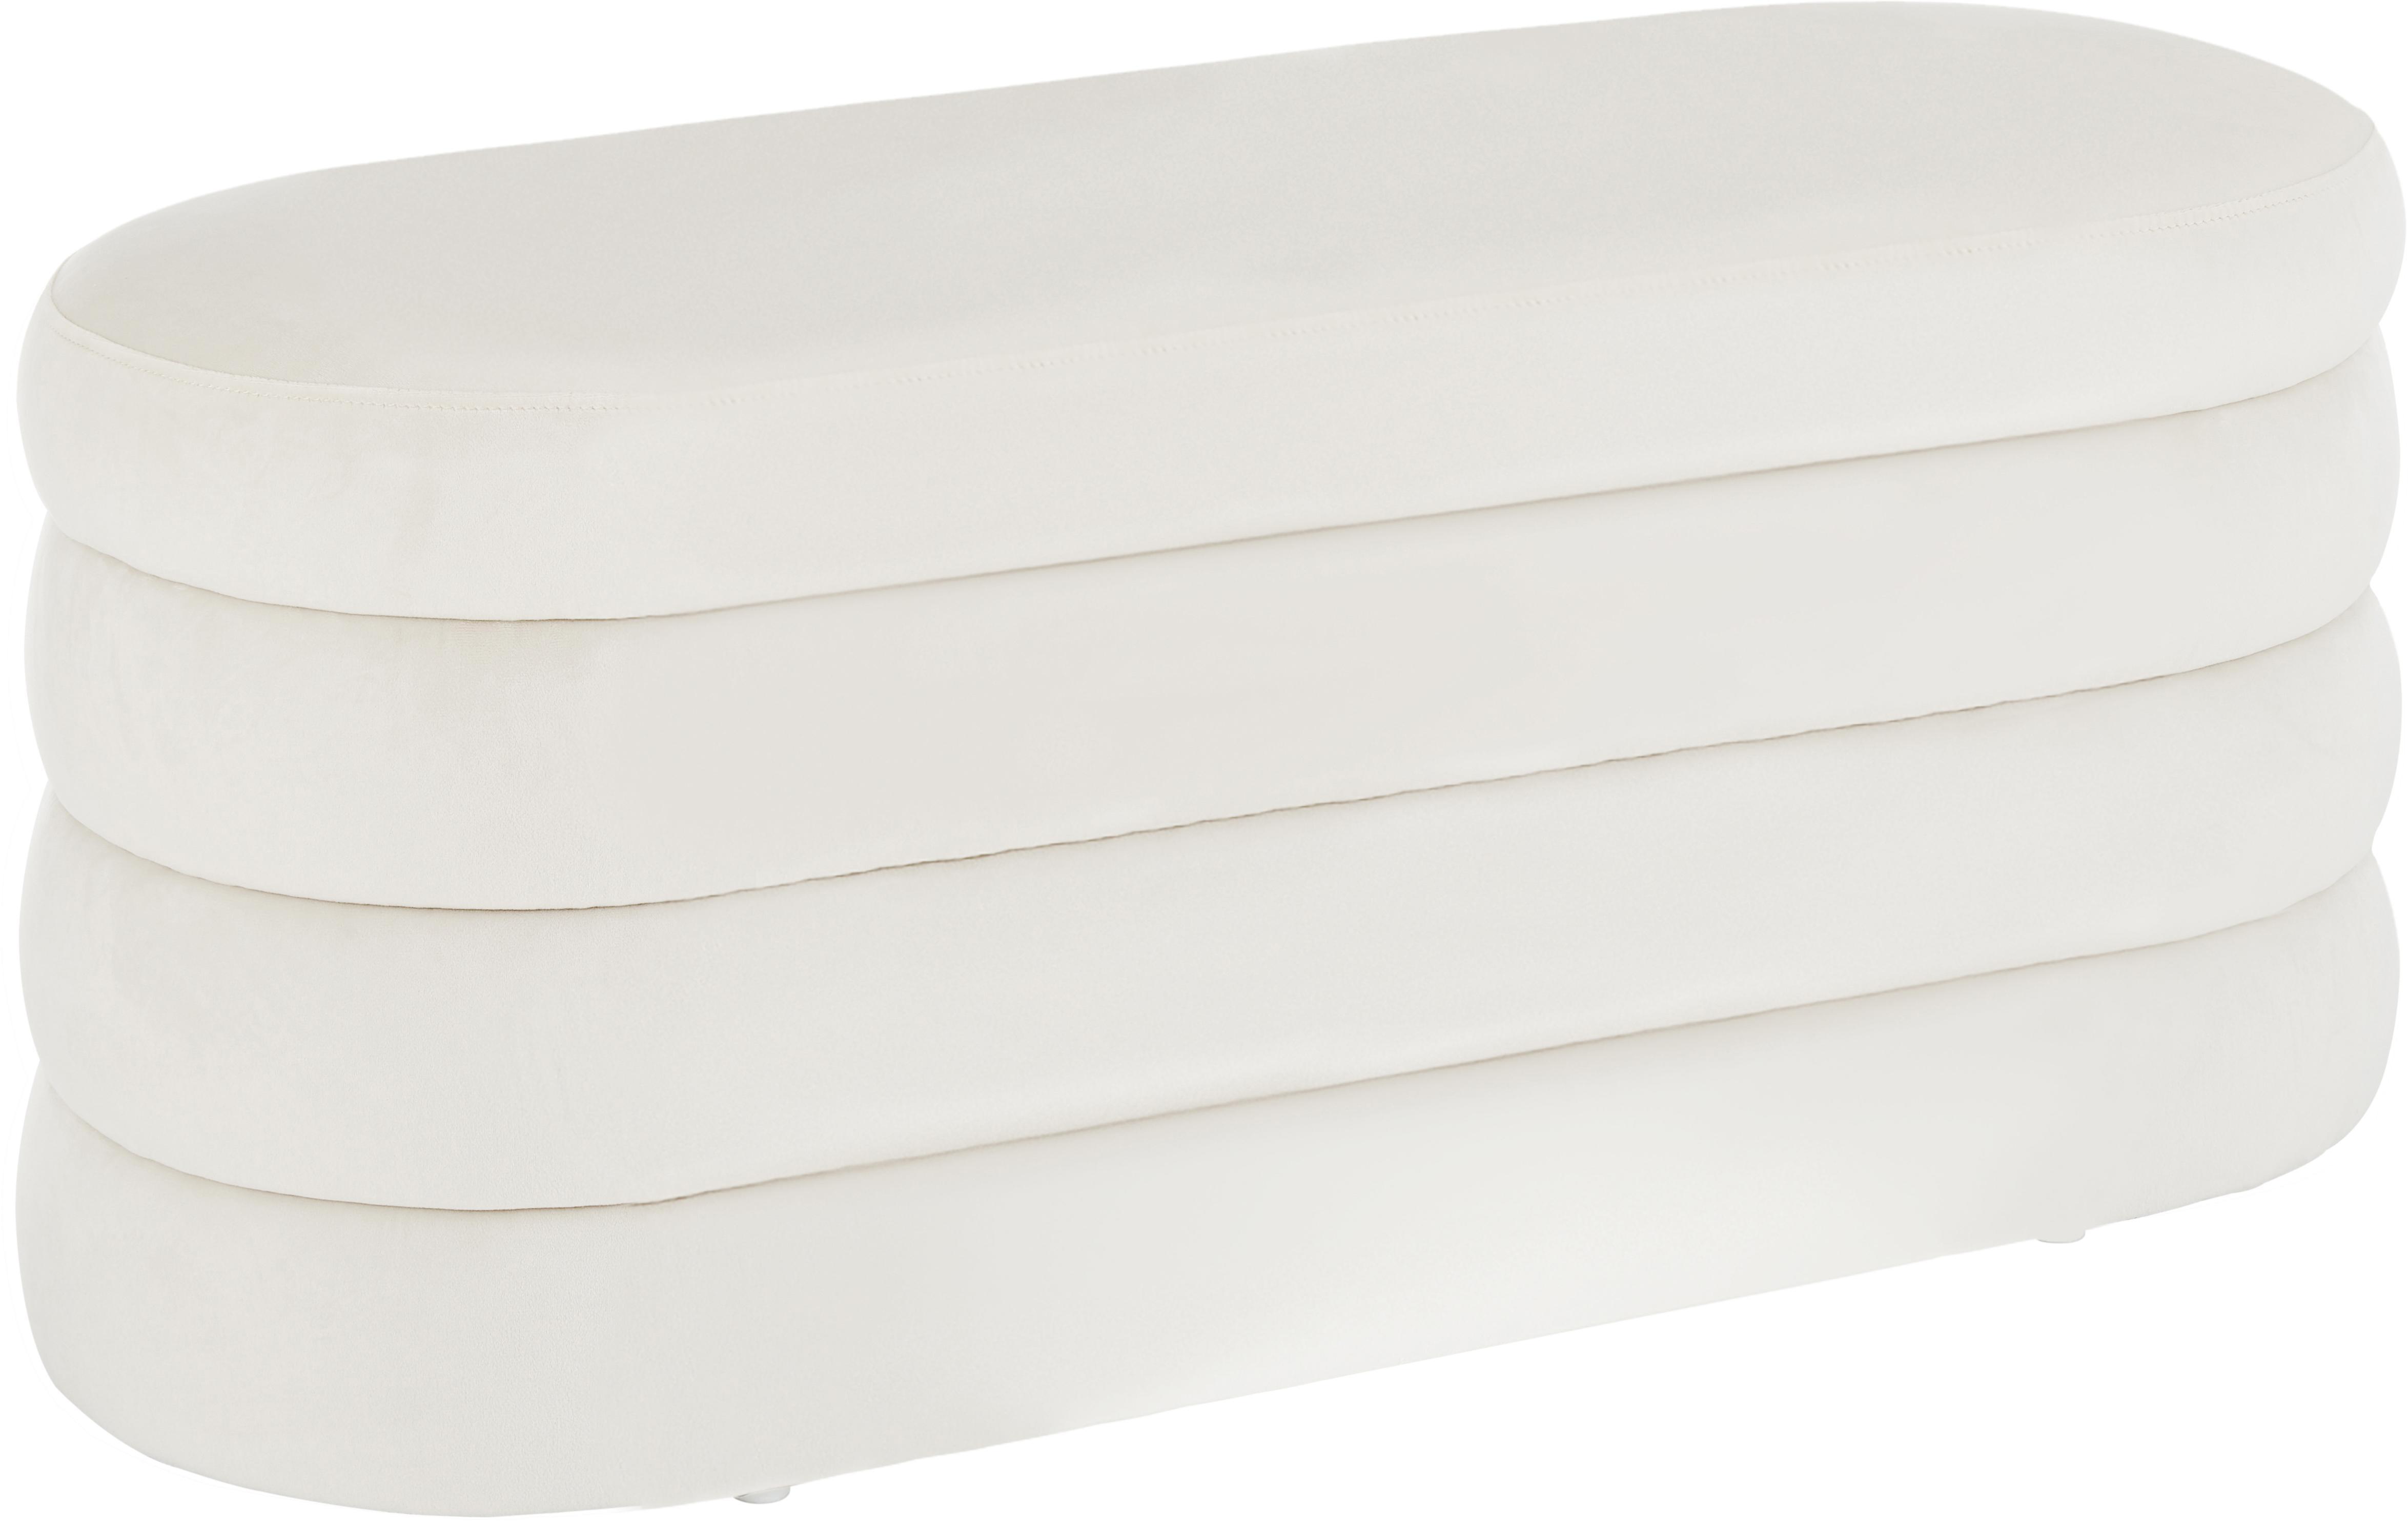 Panca in velluto Alto, Rivestimento: velluto (poliestere) 30.0, Struttura: legno di pino massiccio, , Crema, Larg. 110 x Alt. 47 cm